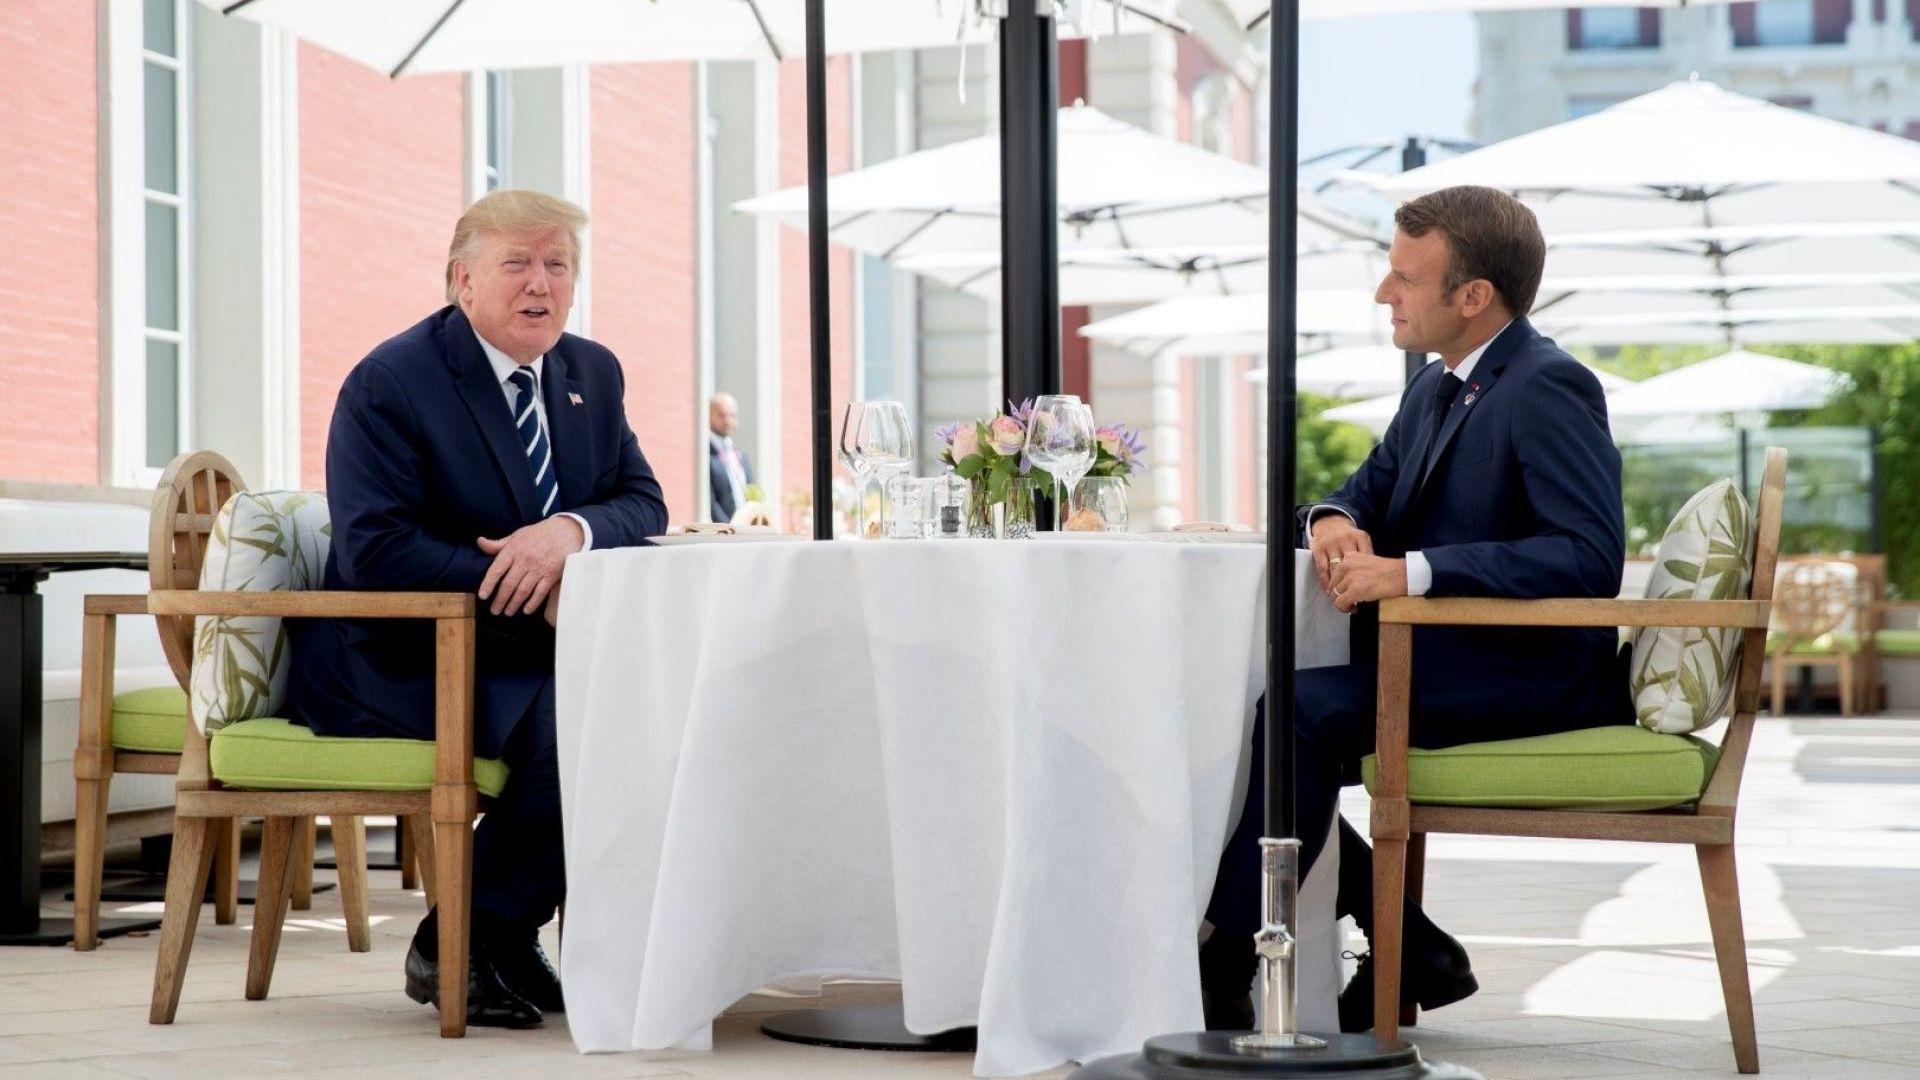 Европа обмисля нови данъчни намаления, за  да се стимулира растежът, заяви  Макрон пред Тръмп